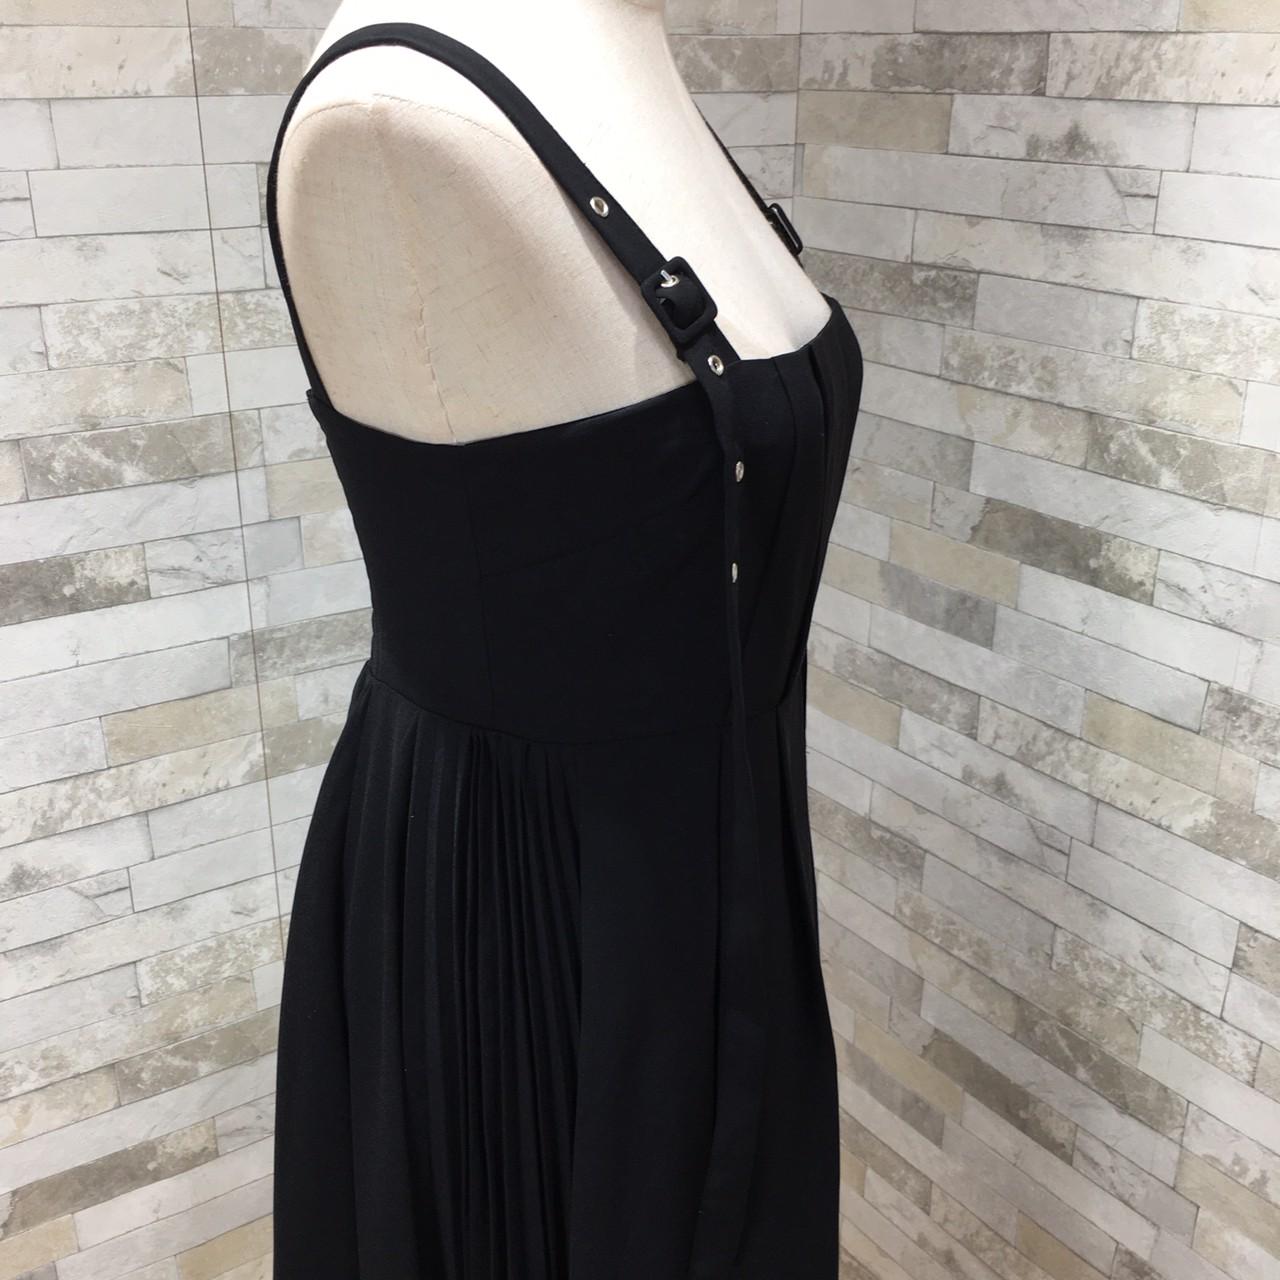 韓国 ファッション ワンピース 春 夏 秋 カジュアル PTXI015  タック ドレープ ジャンパースカート 着回し オルチャン シンプル 定番 セレカジの写真15枚目